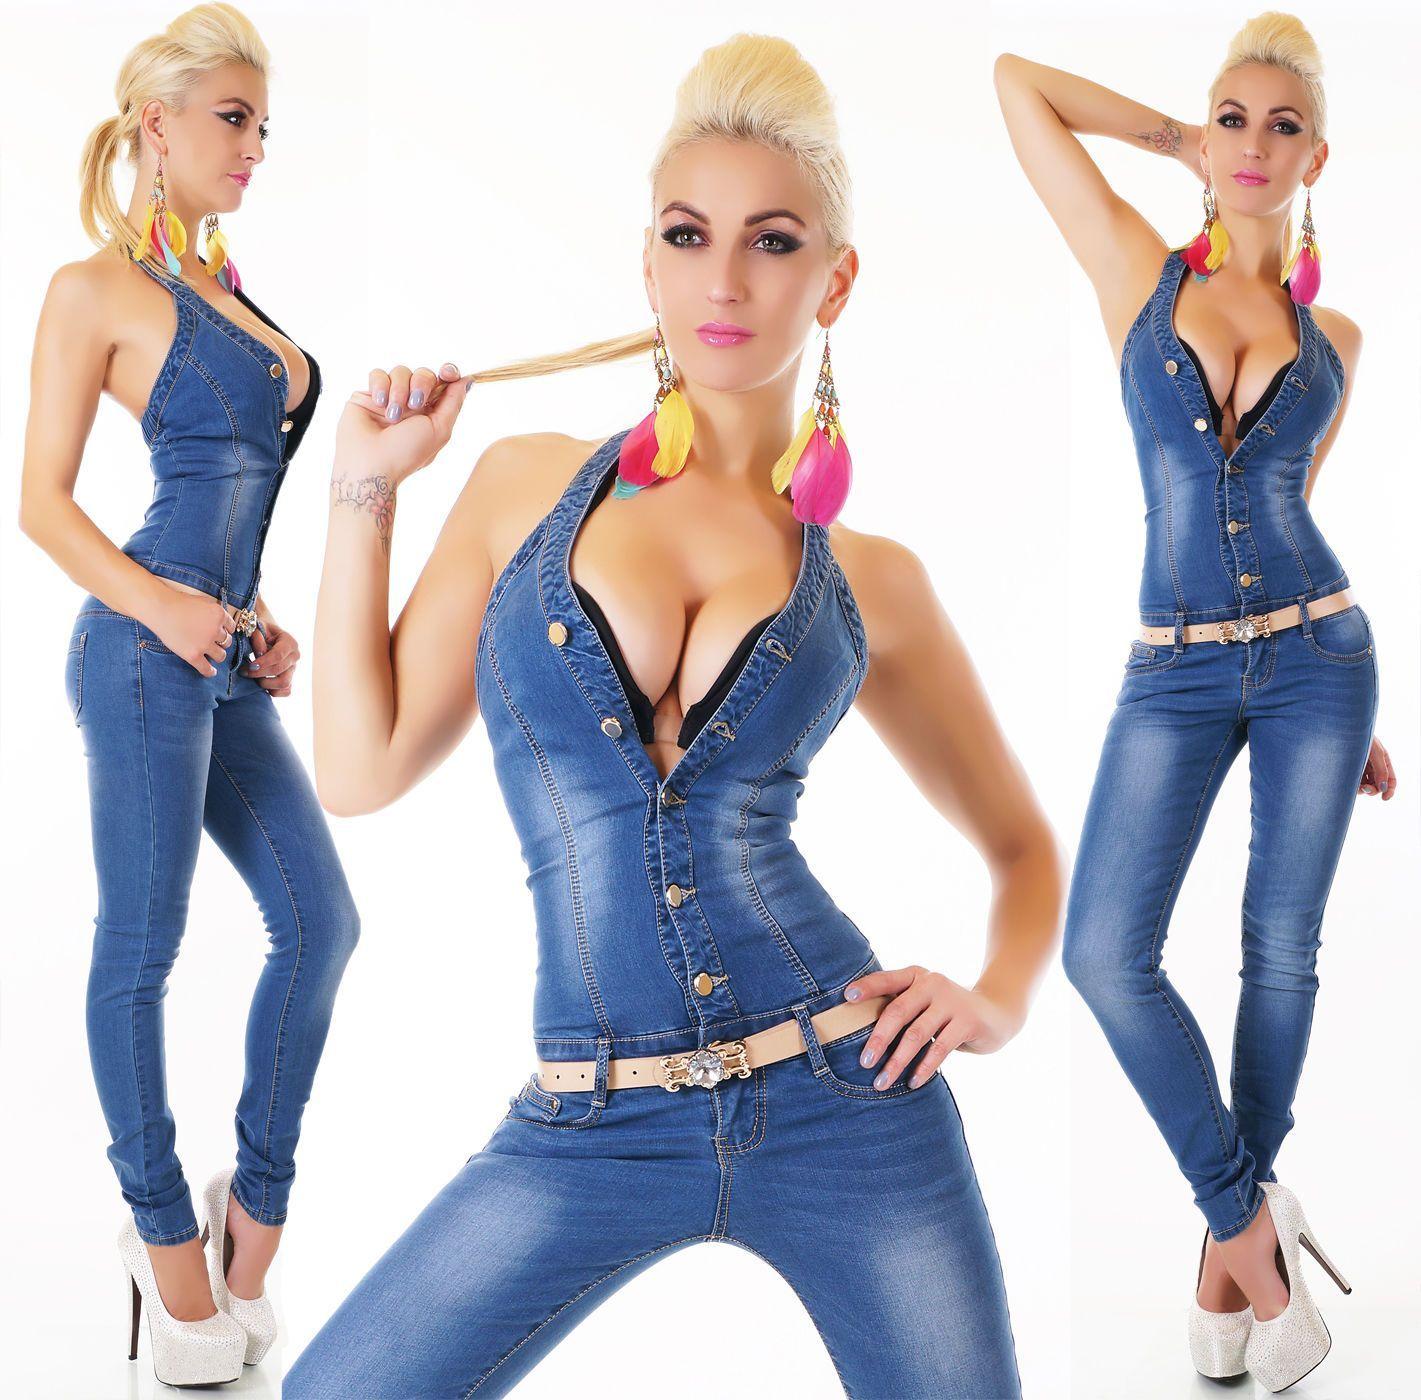 c51cb36604 Women S Halter Denim Stretch Jeans Jumpsuit Overall + Belt - S   M   L   Xl